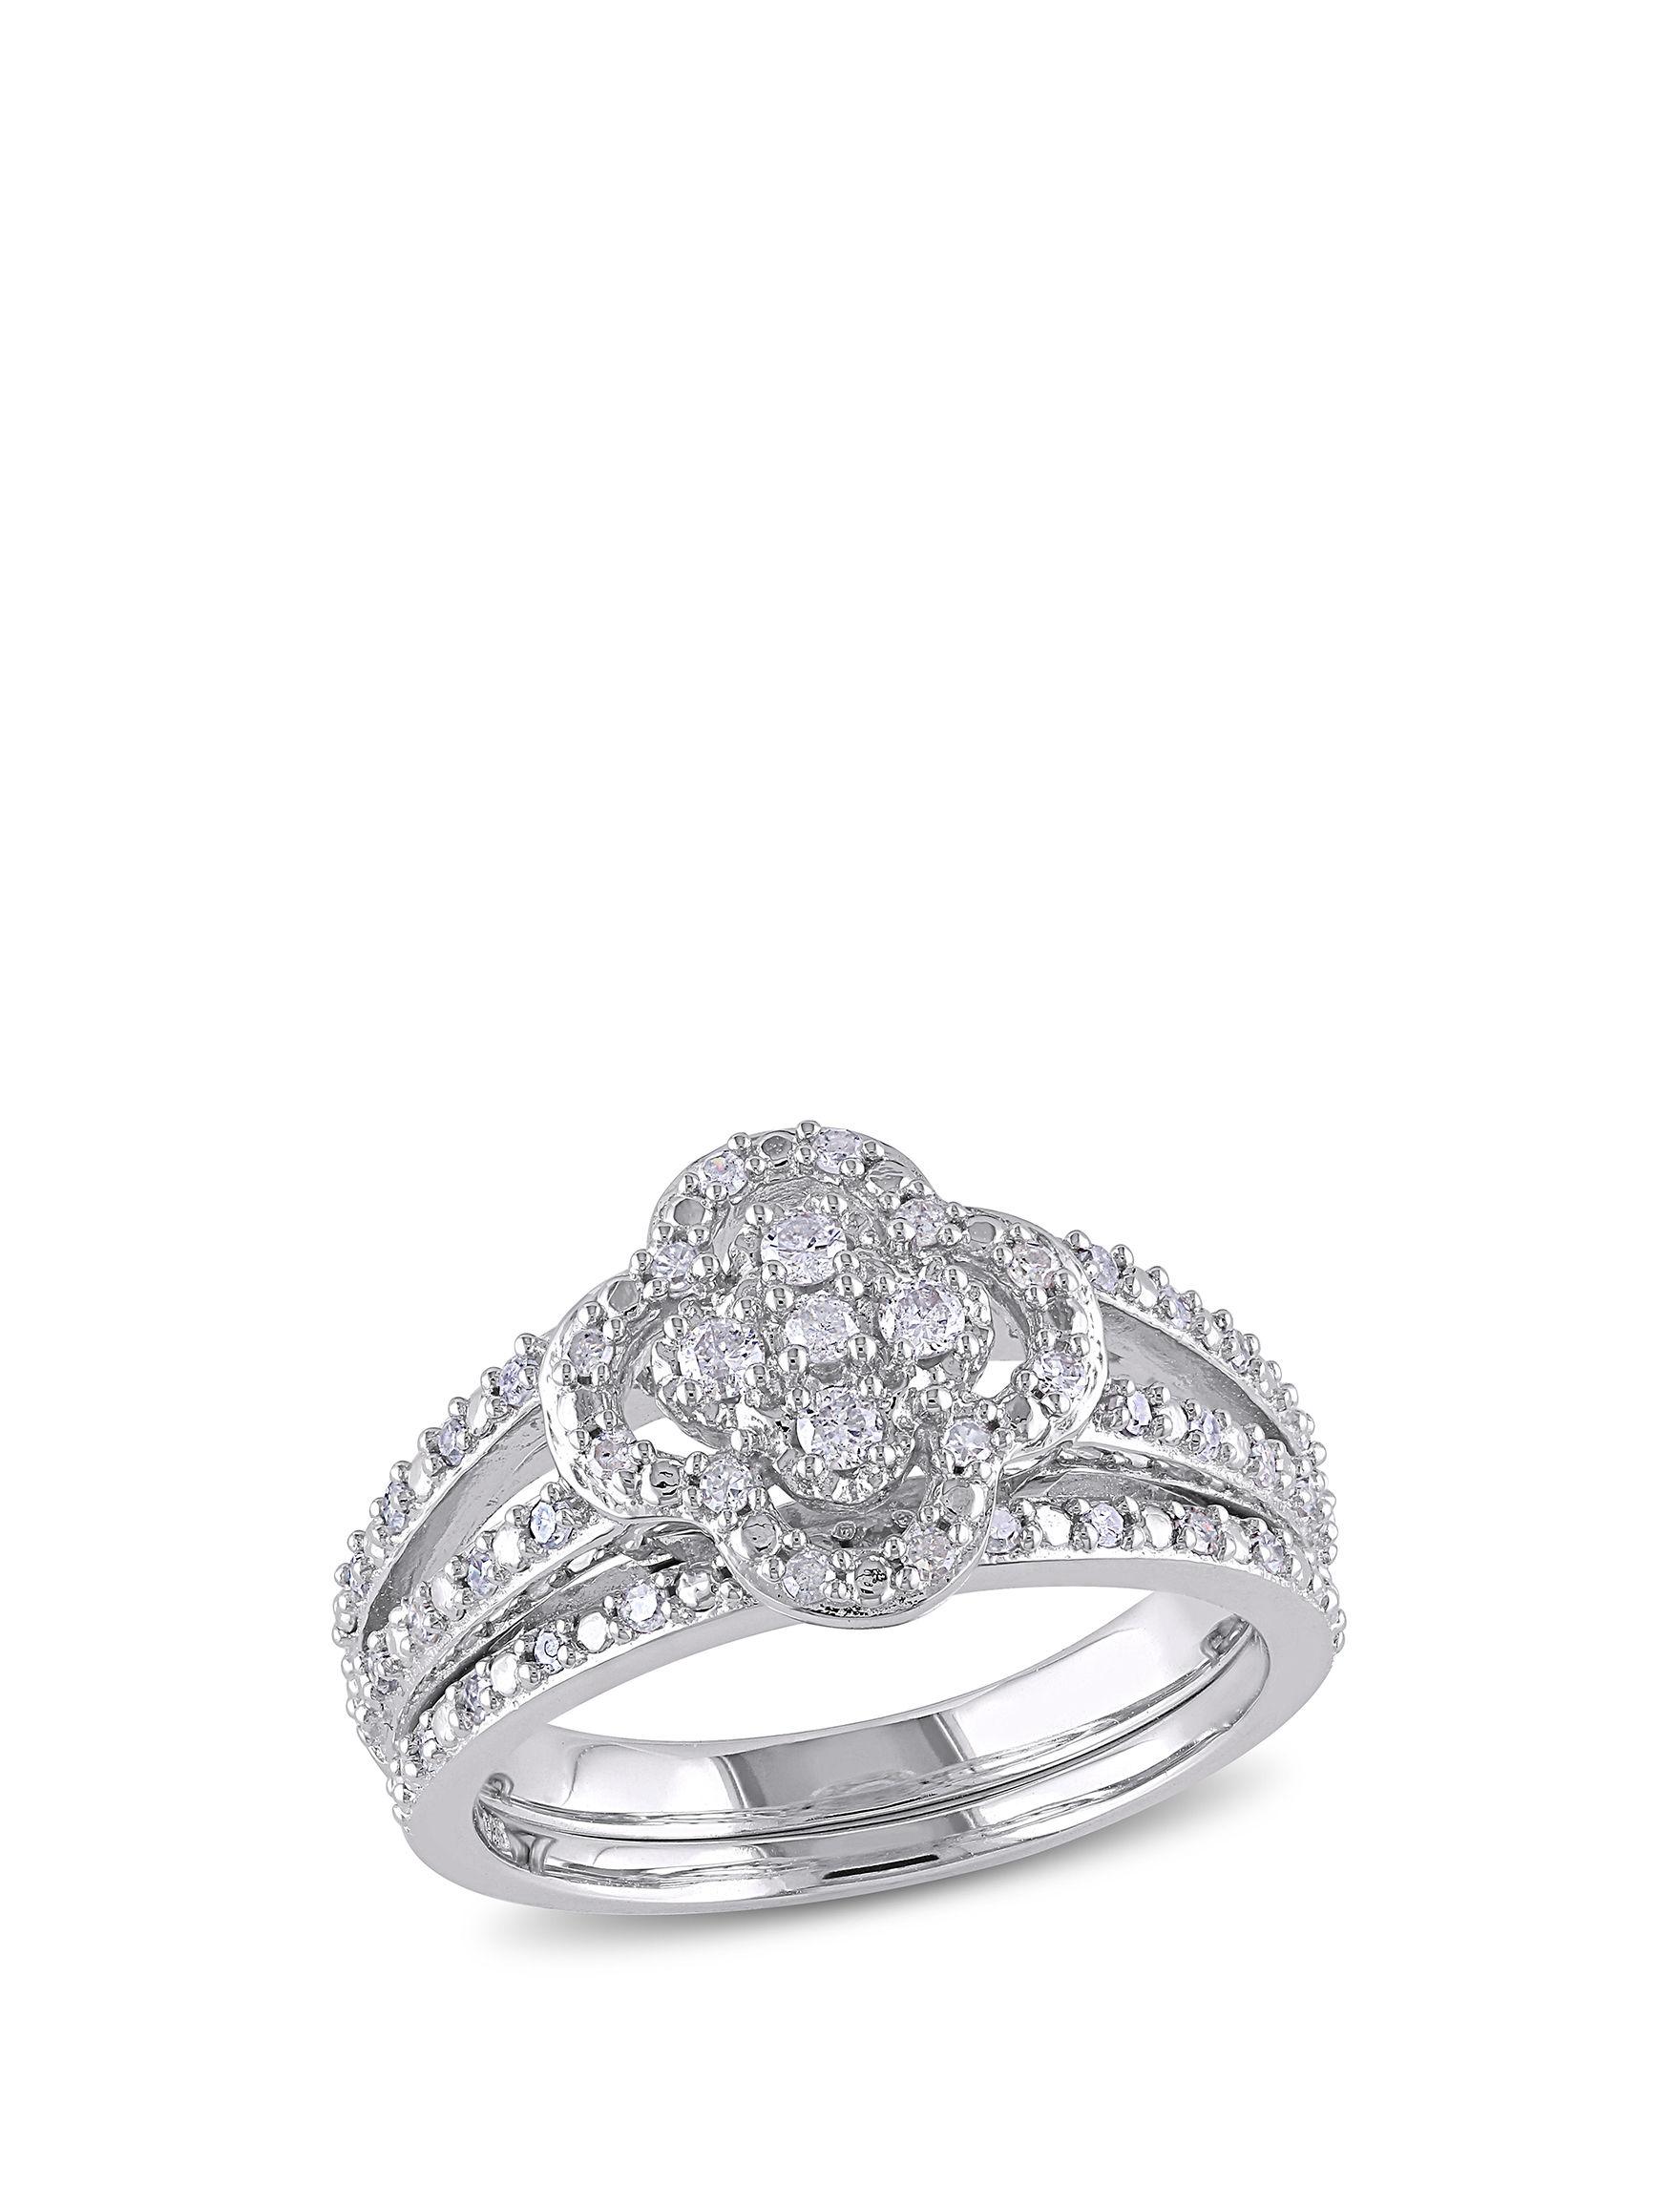 Concerto Diamonds Silver Rings Fine Jewelry